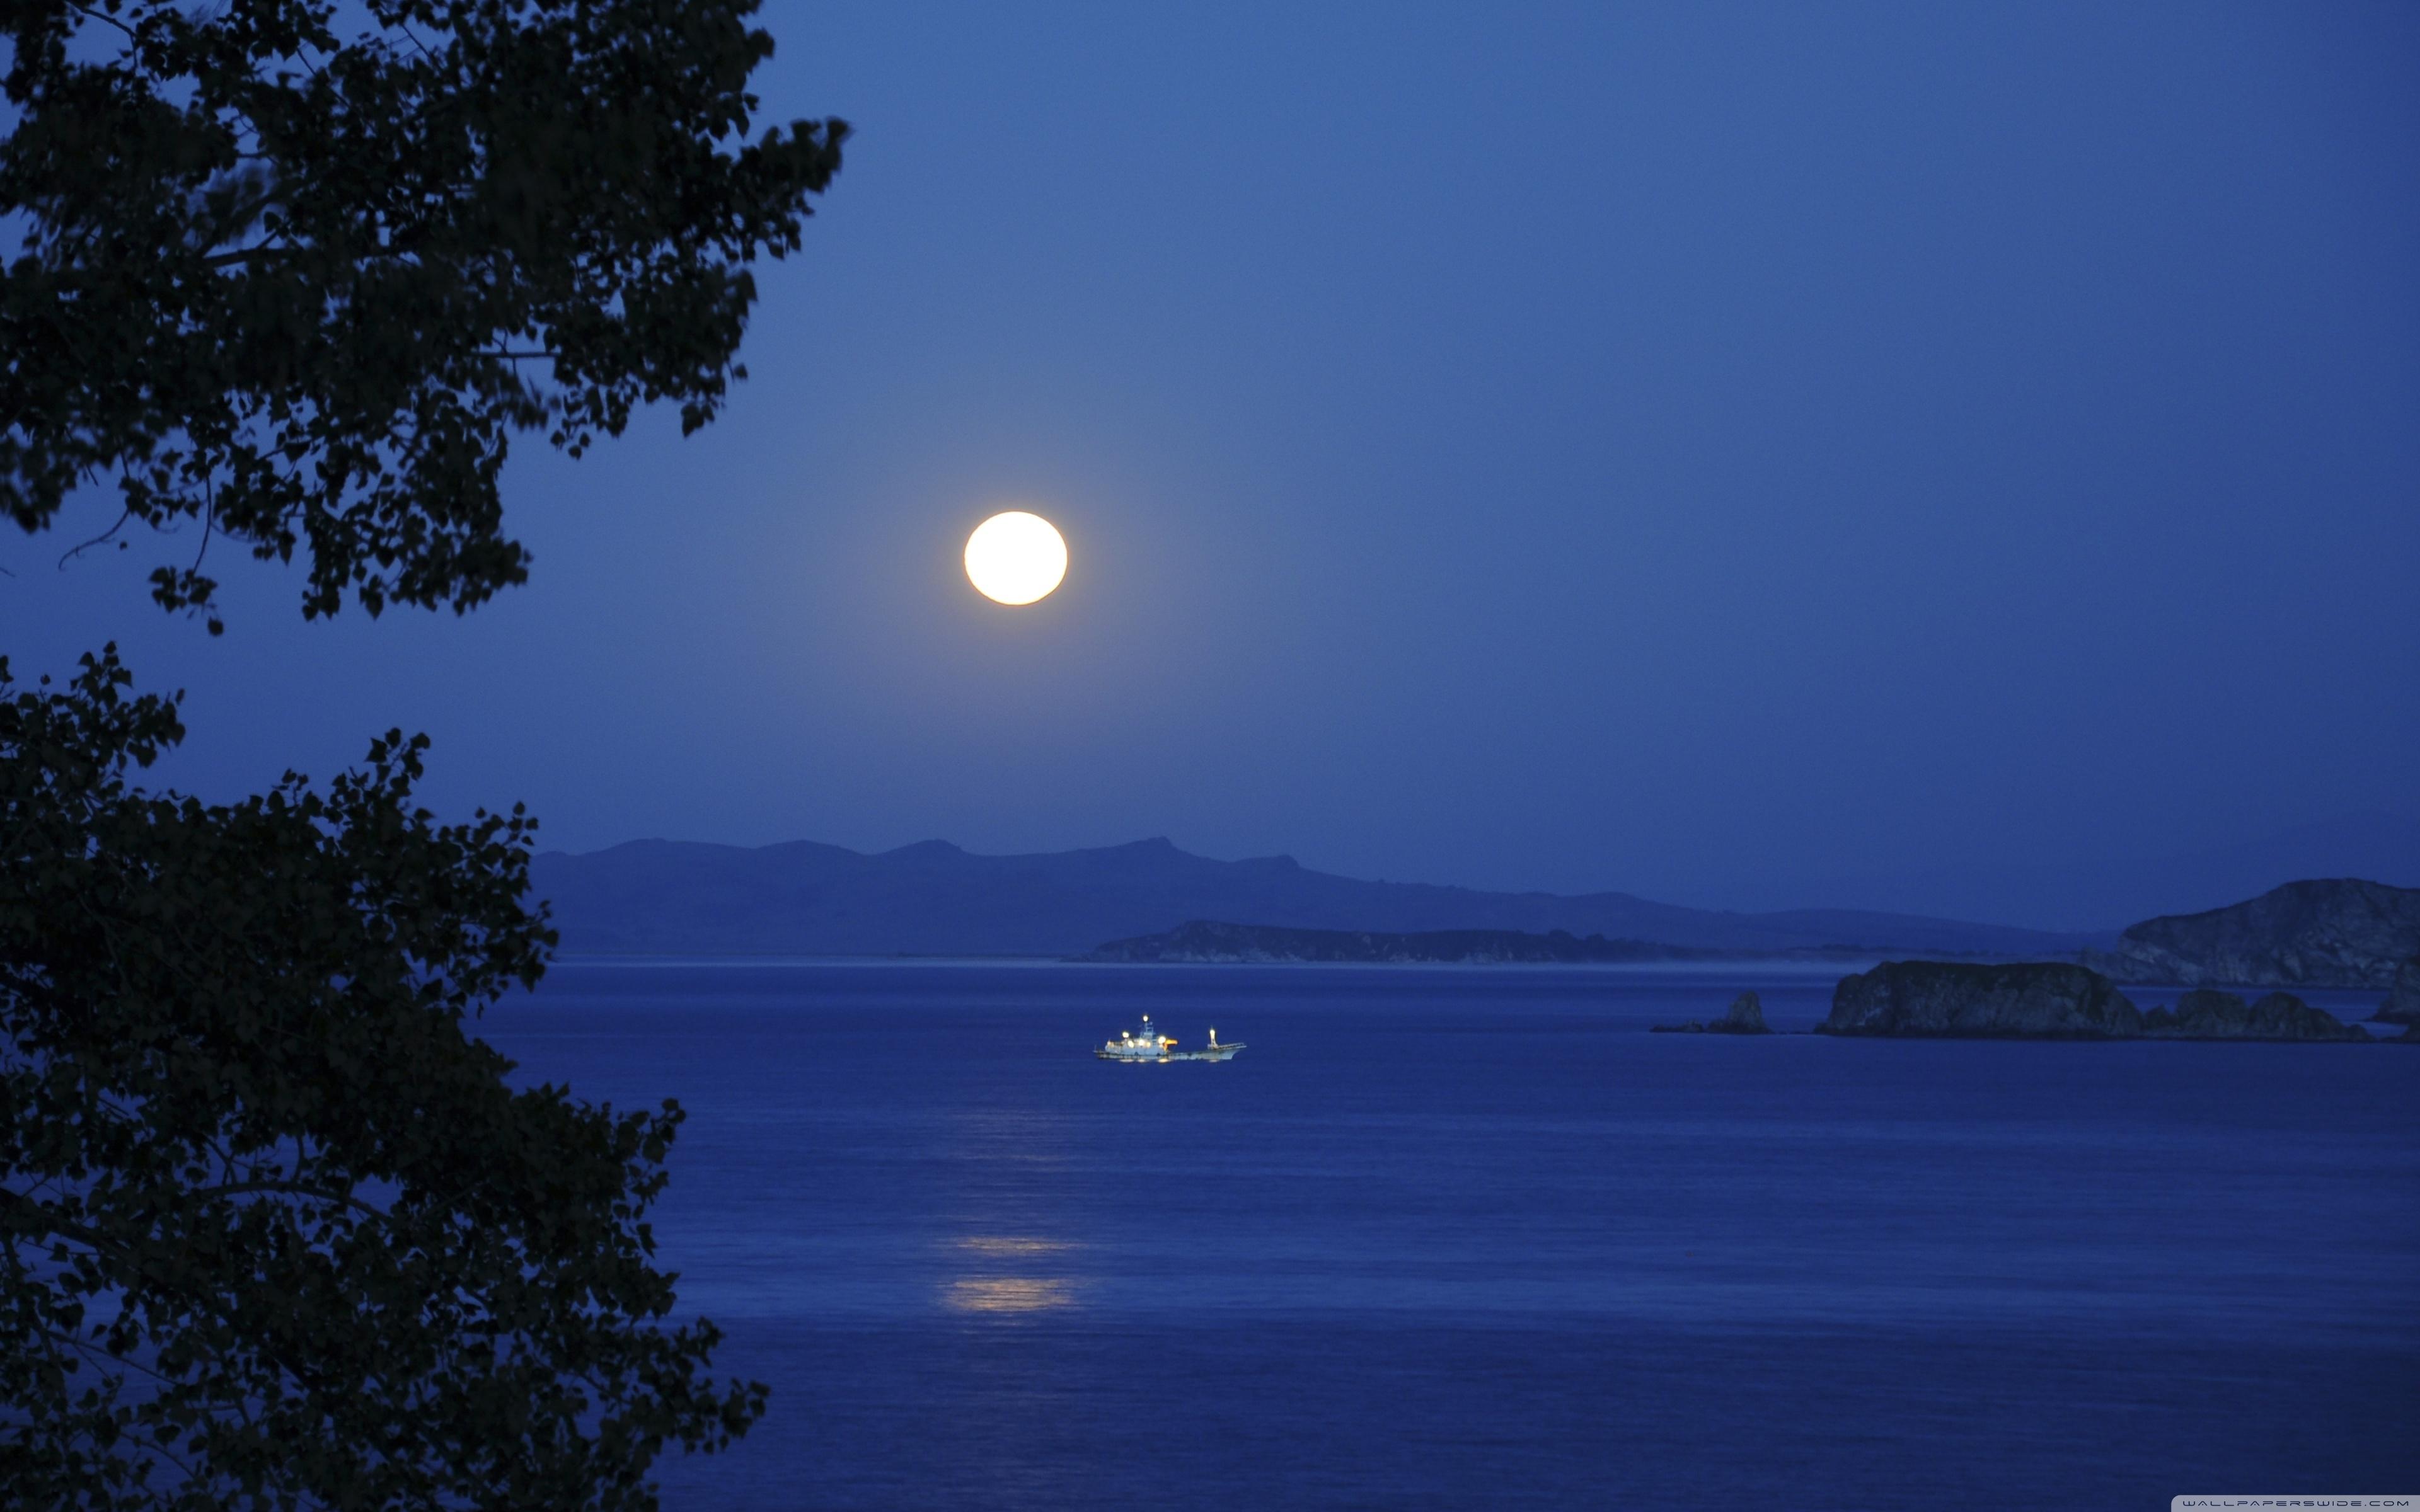 full moon night ❤ 4k hd desktop wallpaper for • wide & ultra